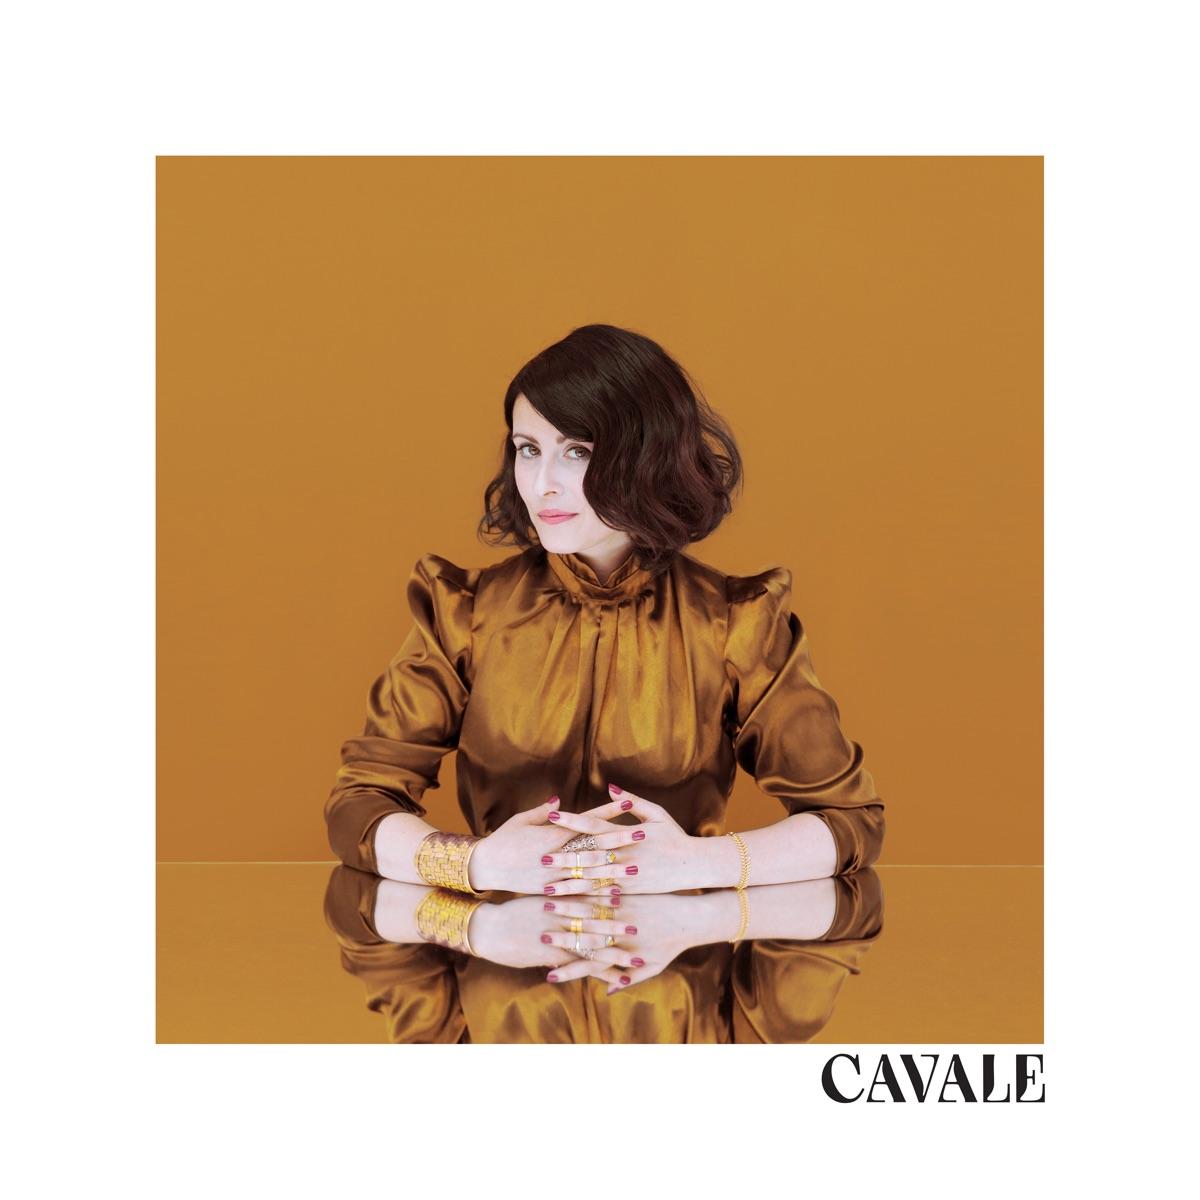 Cavale - Cavale par Anne-Laure Etienne